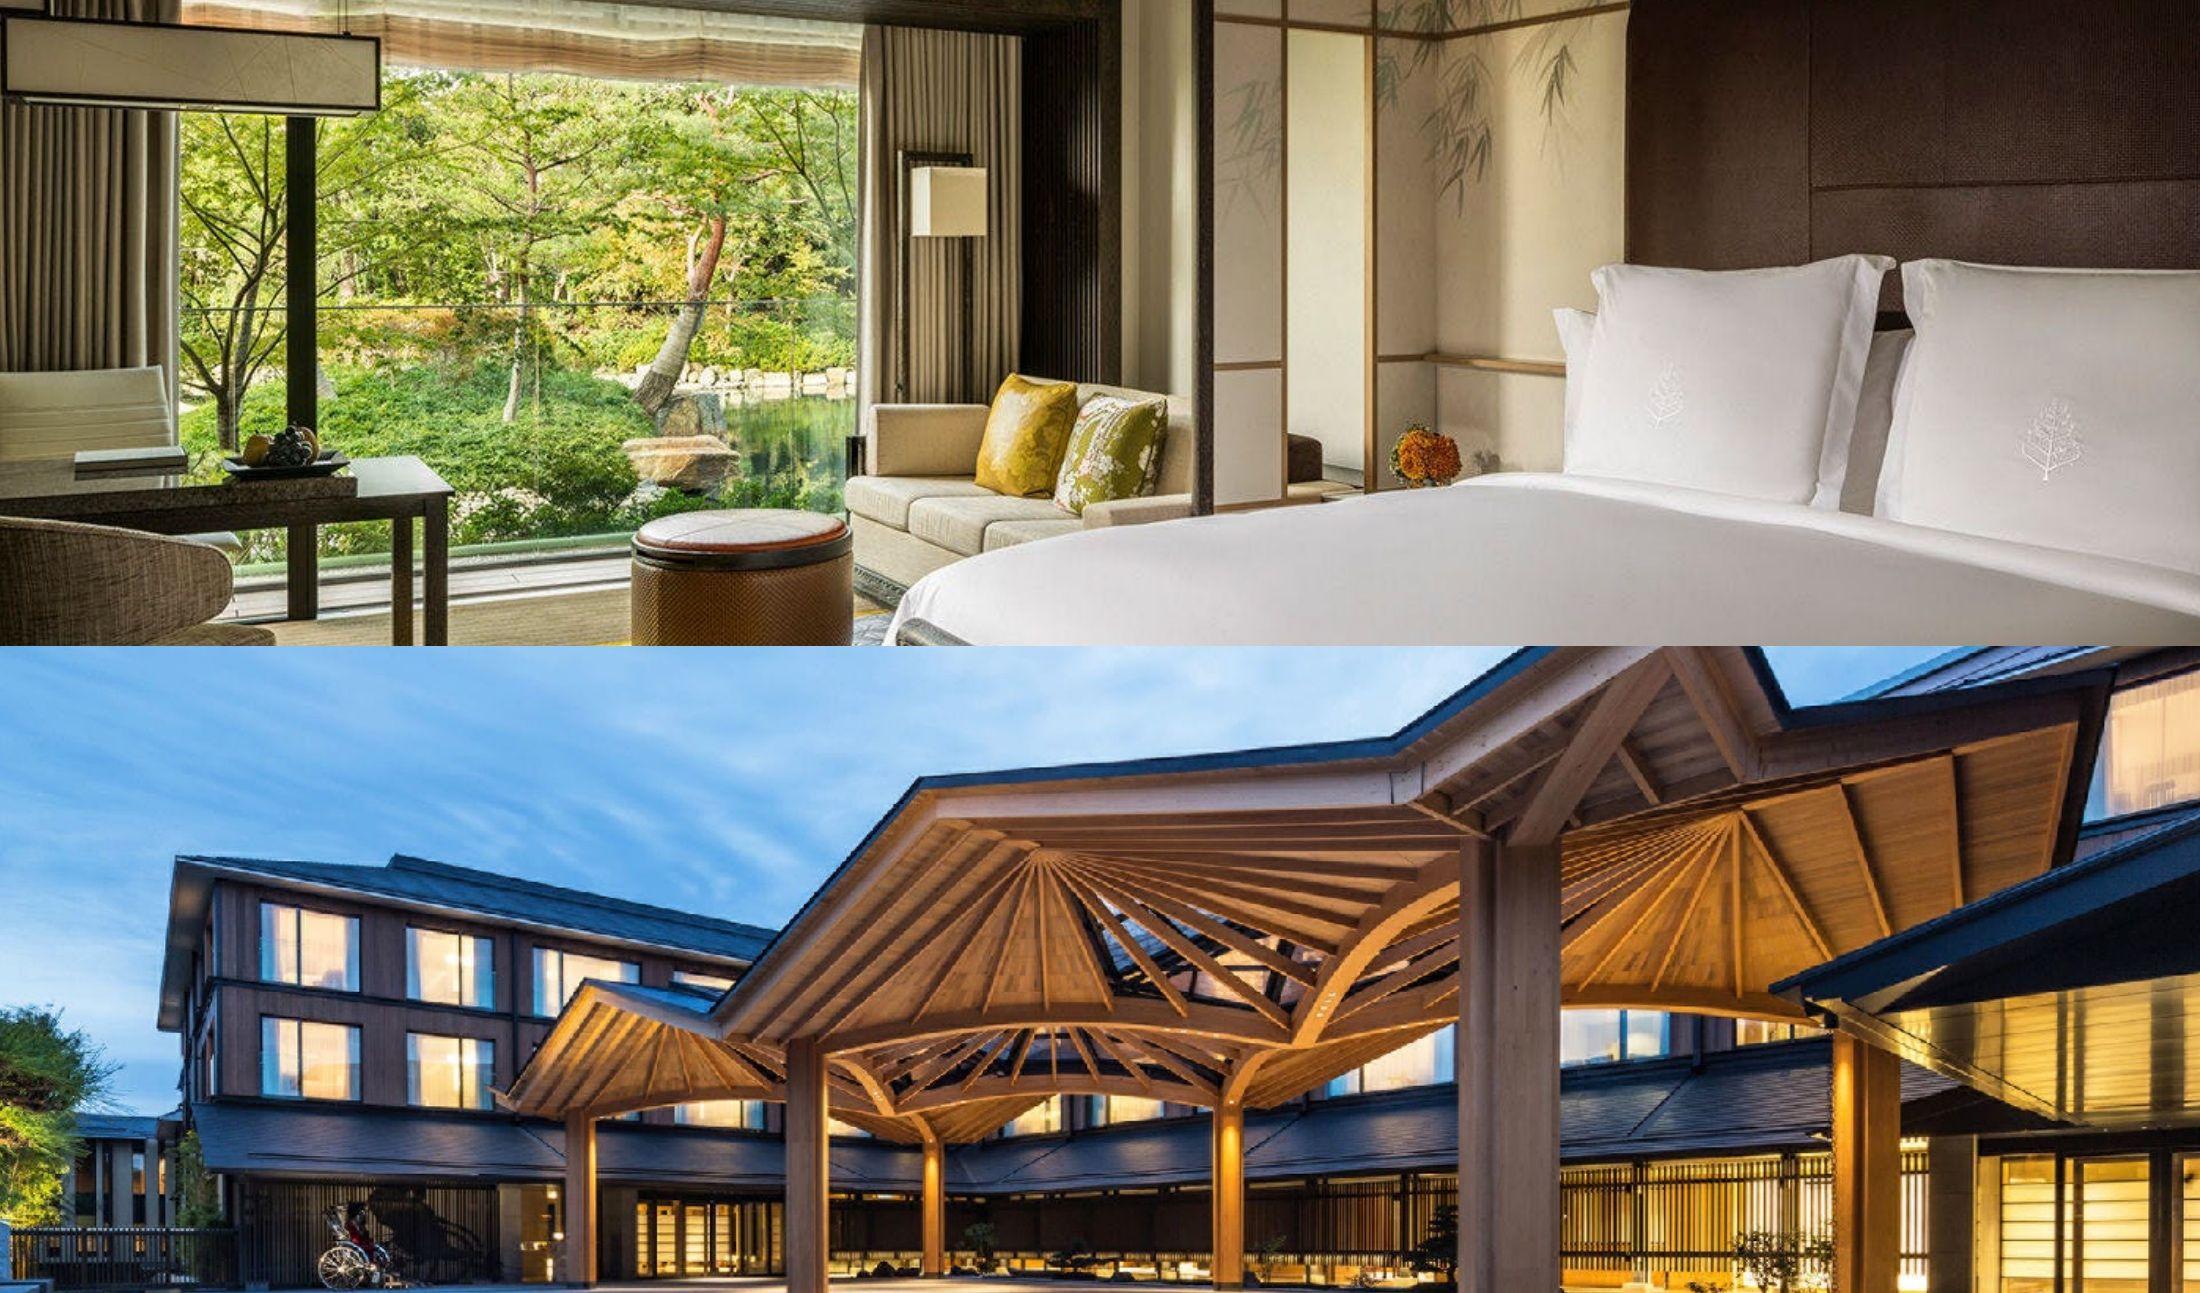 フォーシーズンズホテルのお部屋の内観と入り口の外観